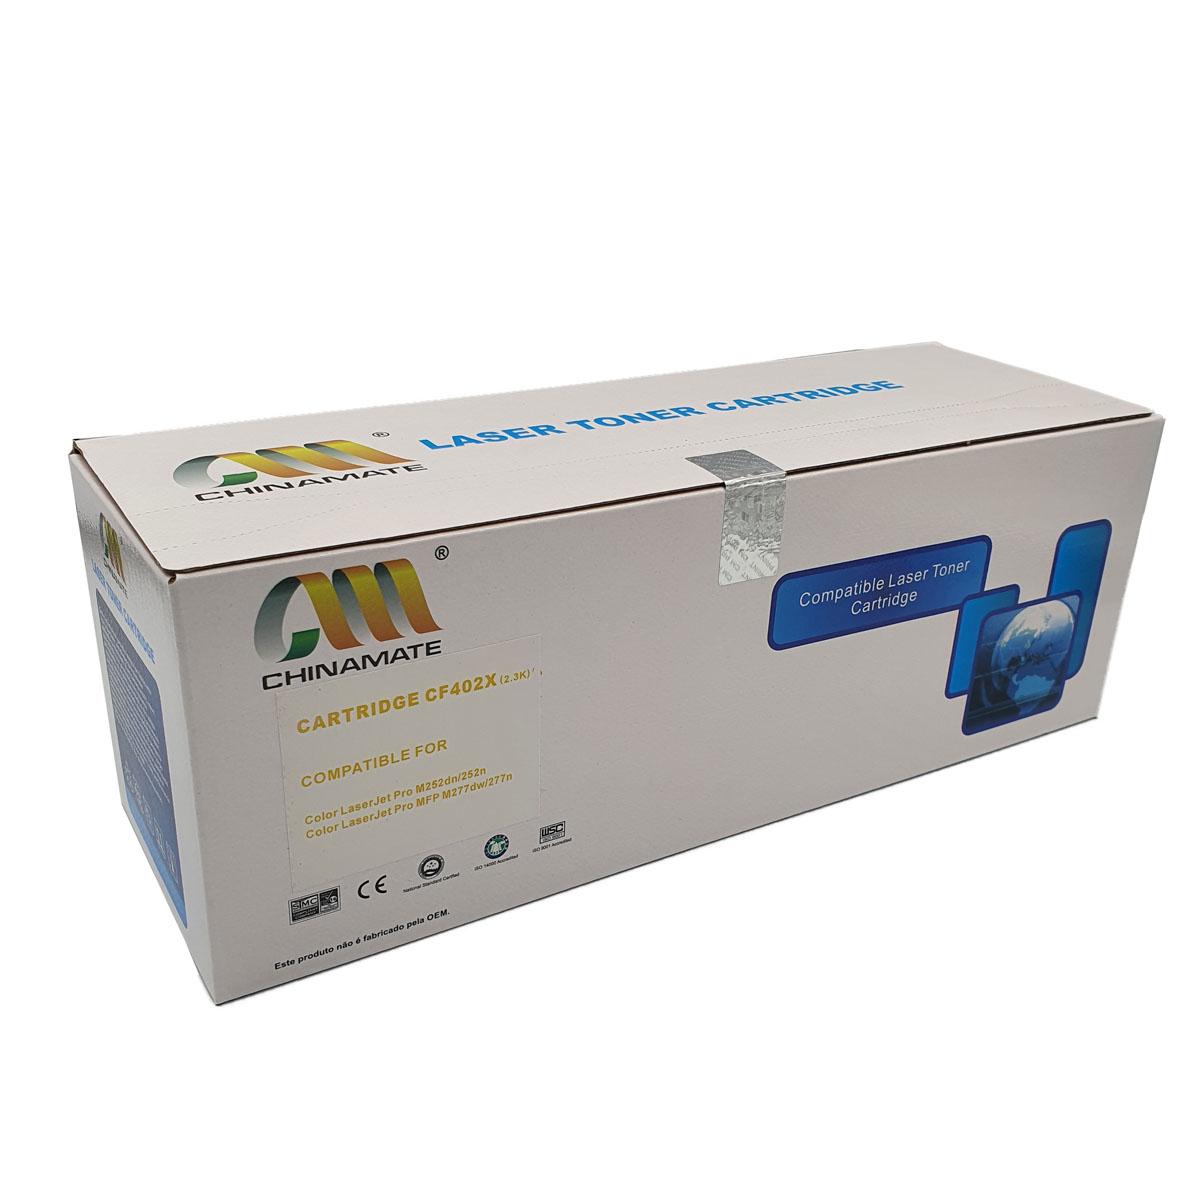 Toner CF402X Amarelo Chinamate 2.3k Compatível com M252DW M277DW da HP